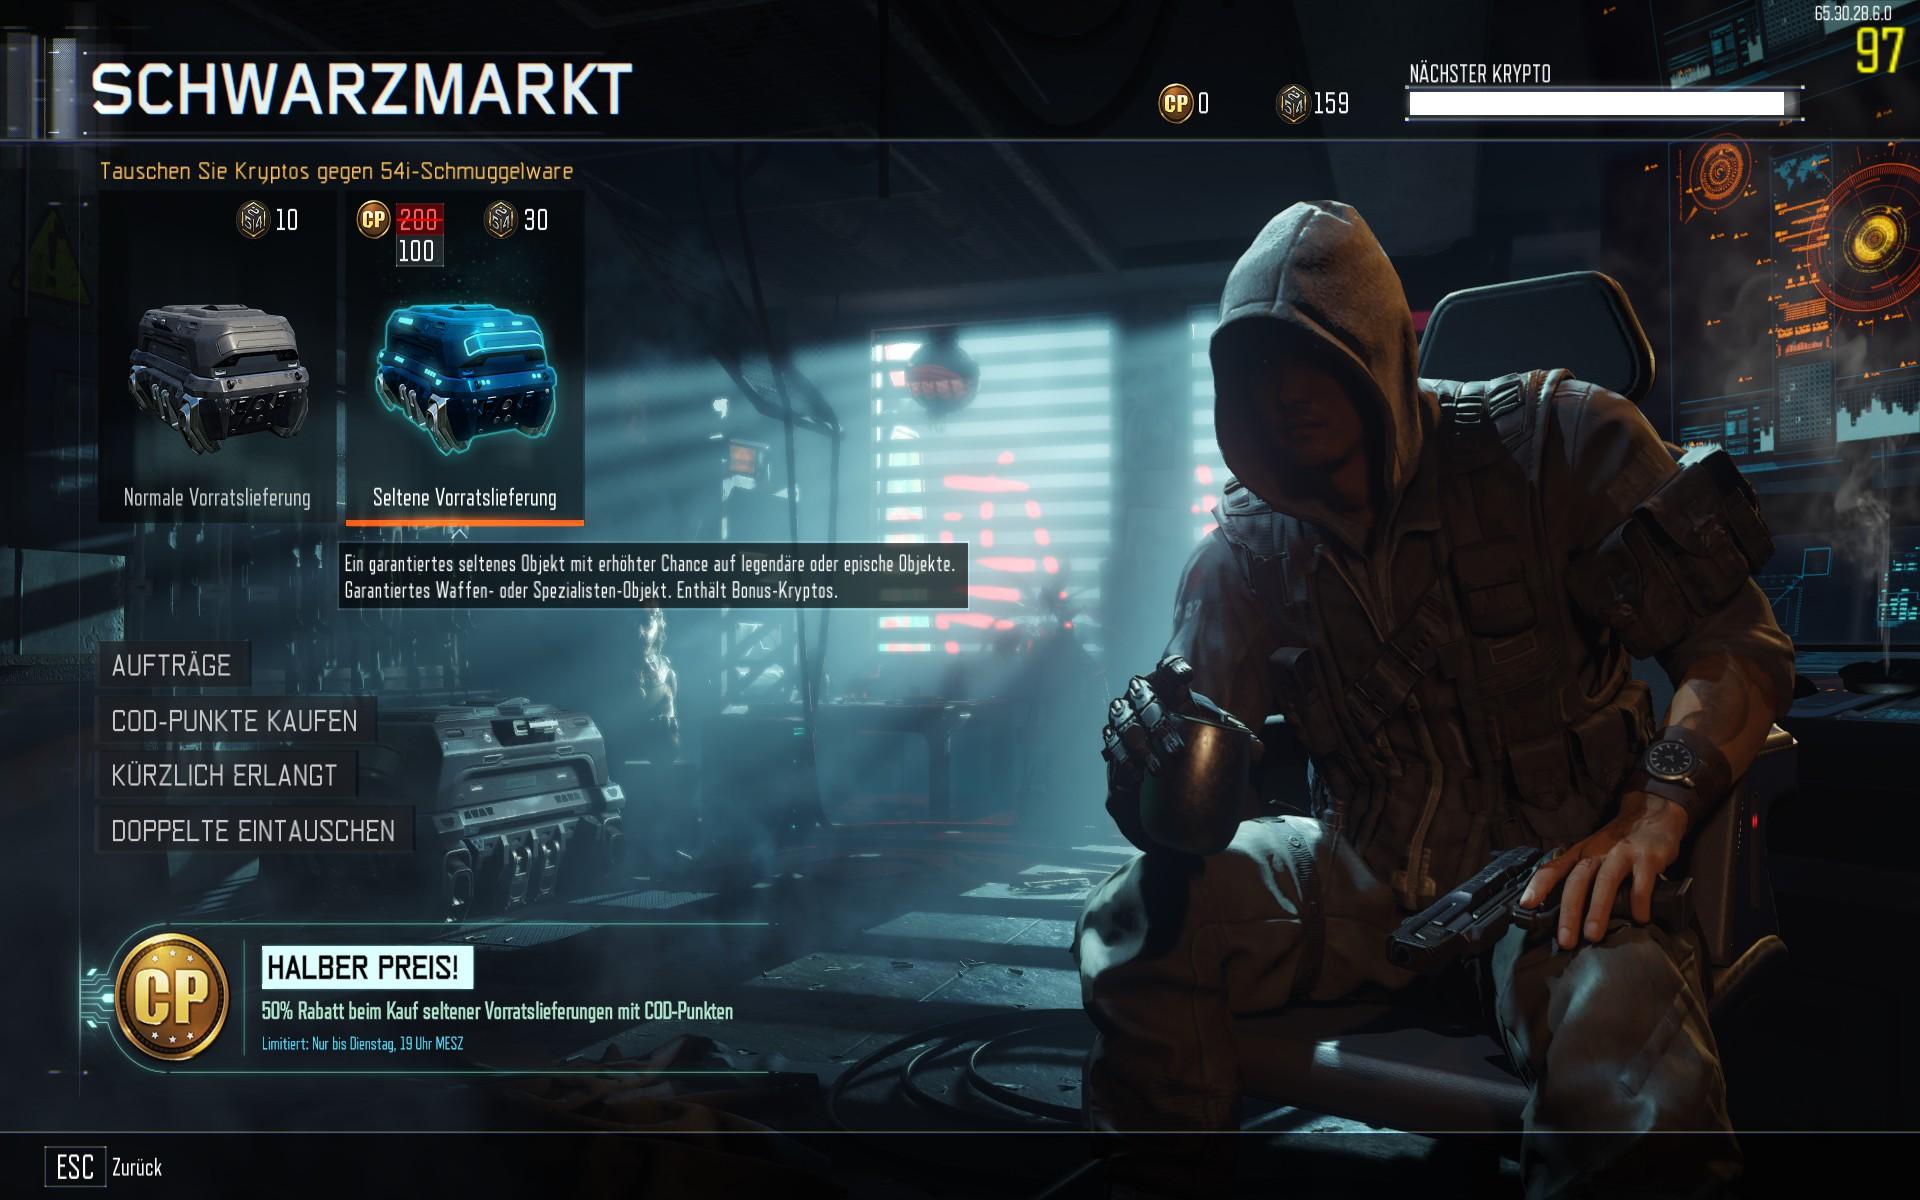 Call of Duty: Black Ops 3 Schwarzmarkt, seltene Vorratslieferungen reduziert erhältlich